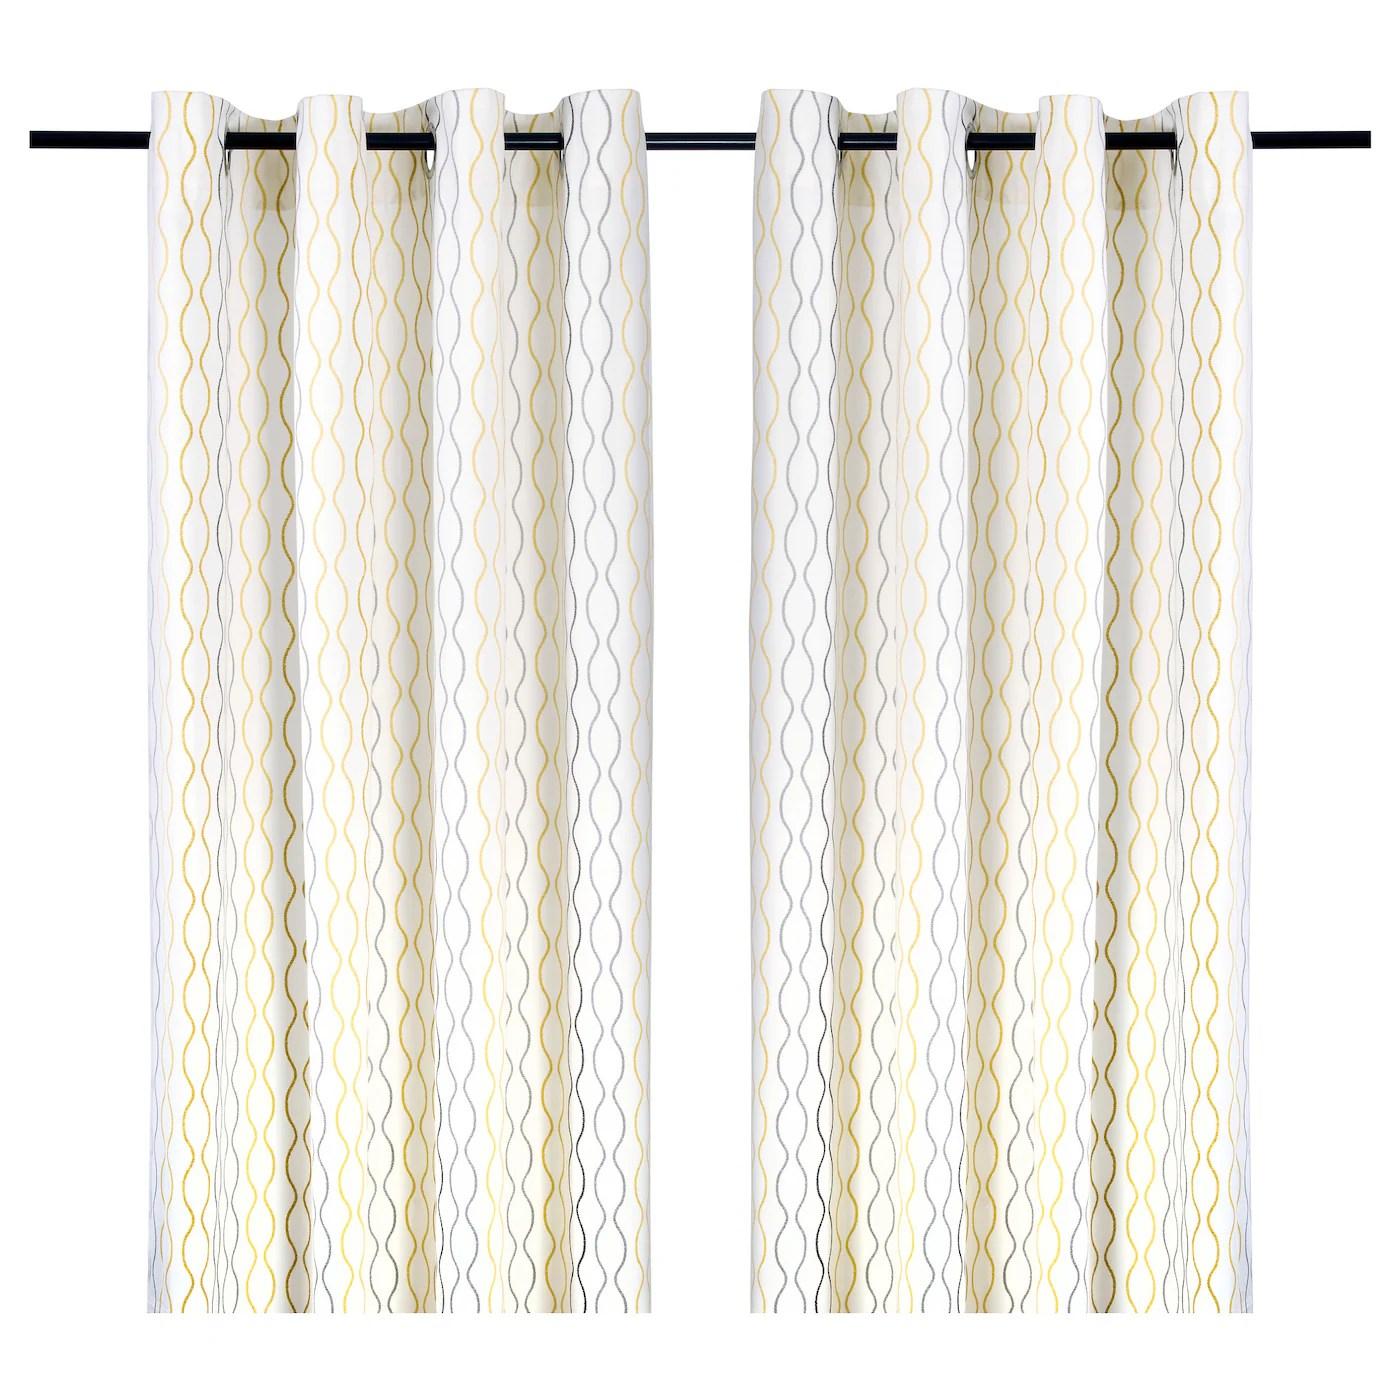 henny rand rideaux 2 panneaux blanc gris jaune 57x98 145x250 cm